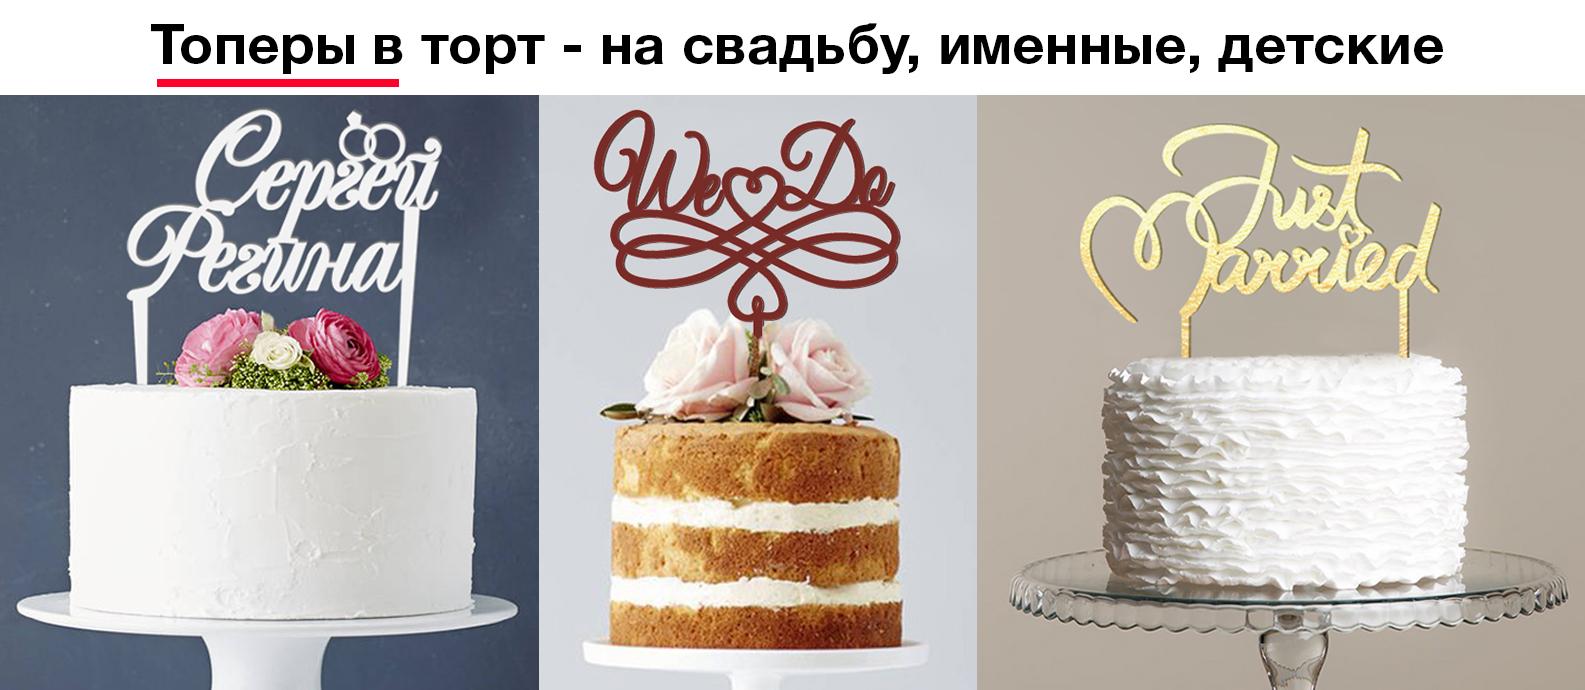 Топеры в торт